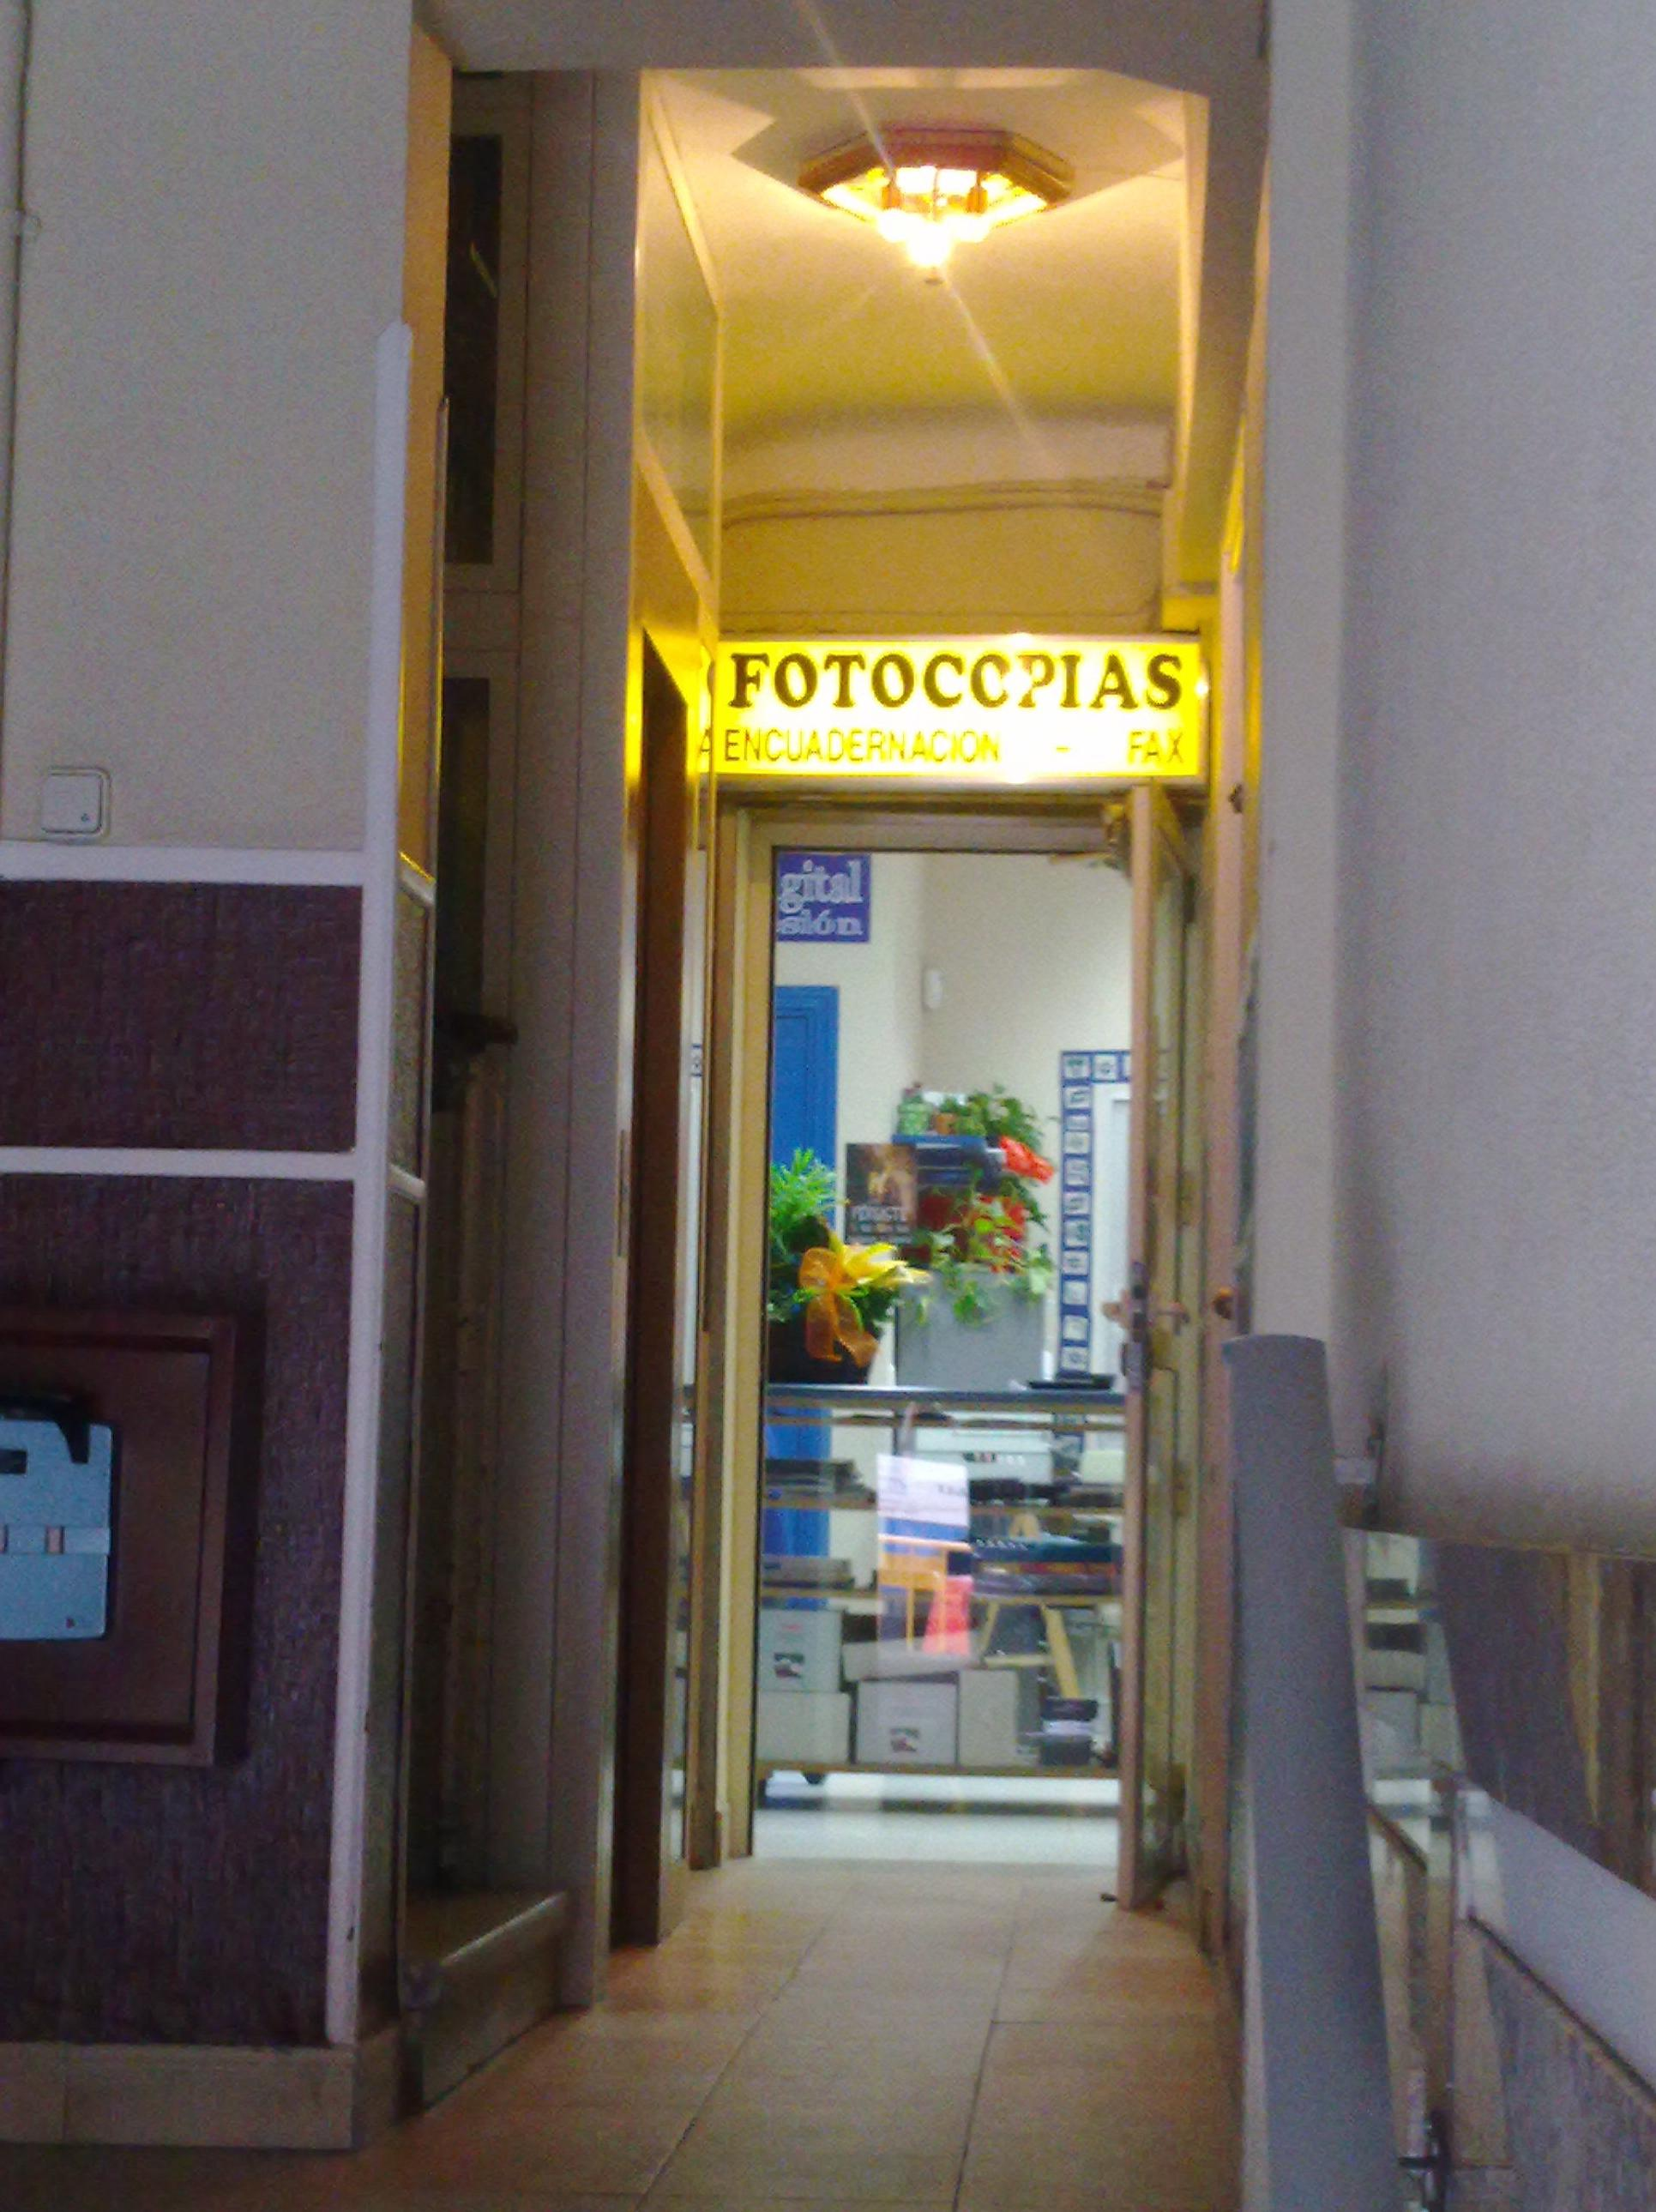 Pasillo de entrada a la tienda